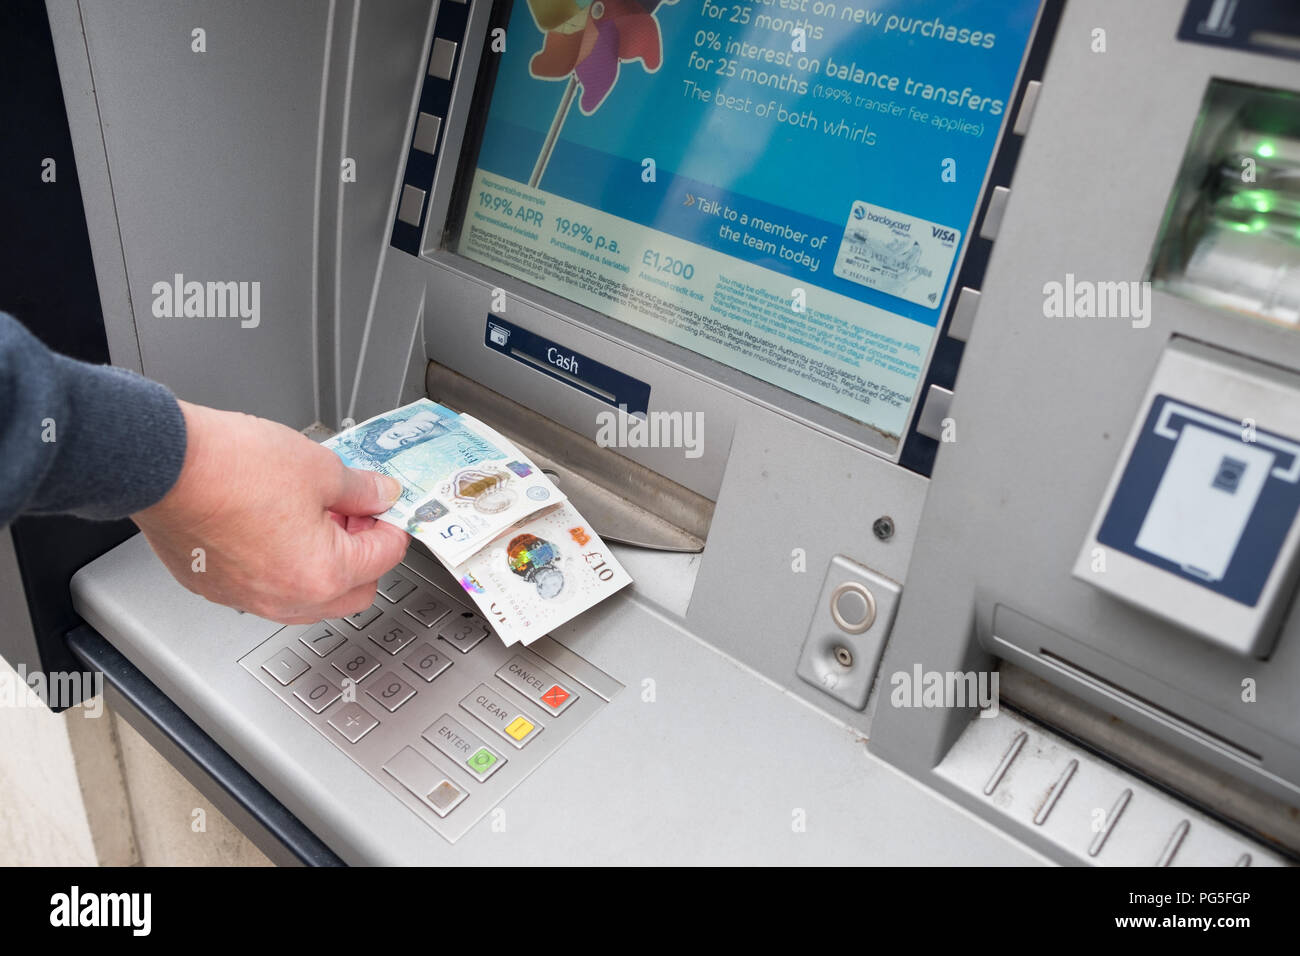 Eine Frau entfernt und 5 £ £ 10 Notizen von einem außerhalb der Barclays Bank, Loch in der Wand, Cash point maschine Stockfoto